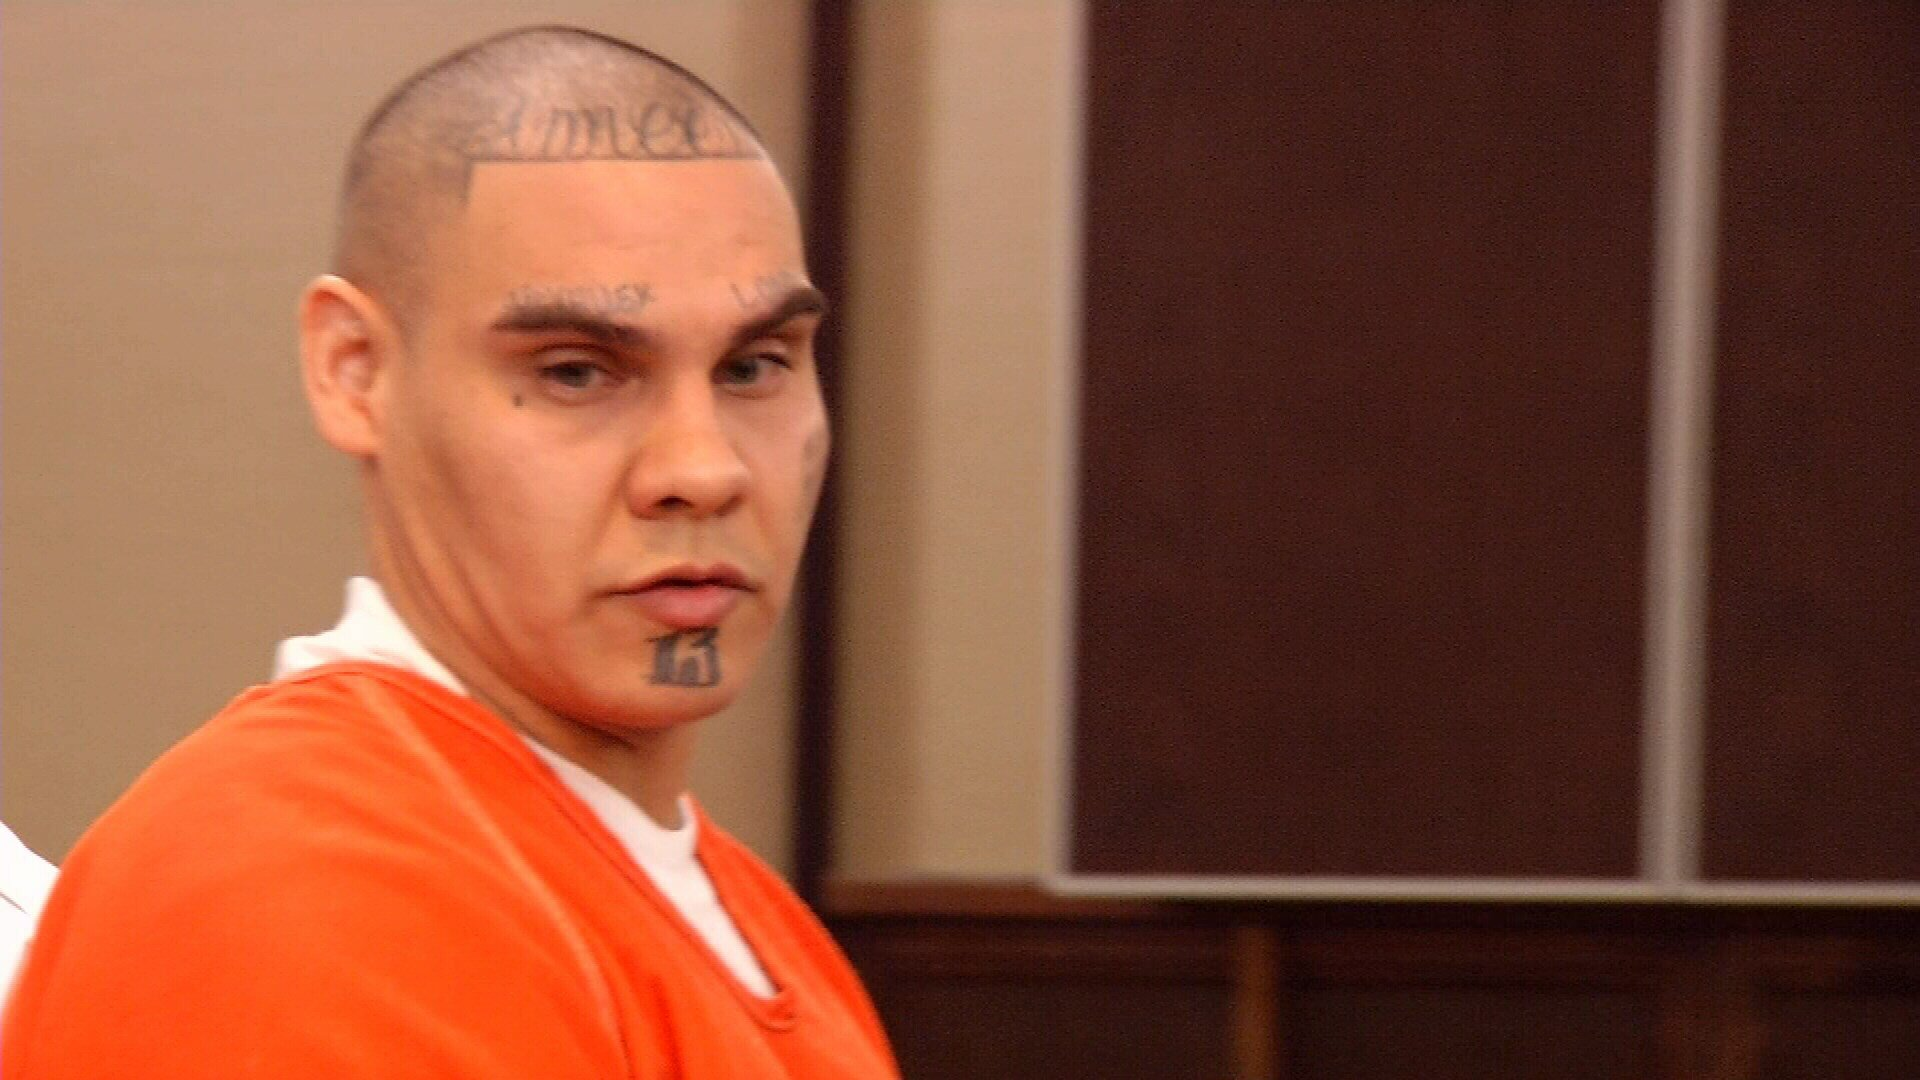 Joseph Tejeda is accused of killing Breanna Wood.